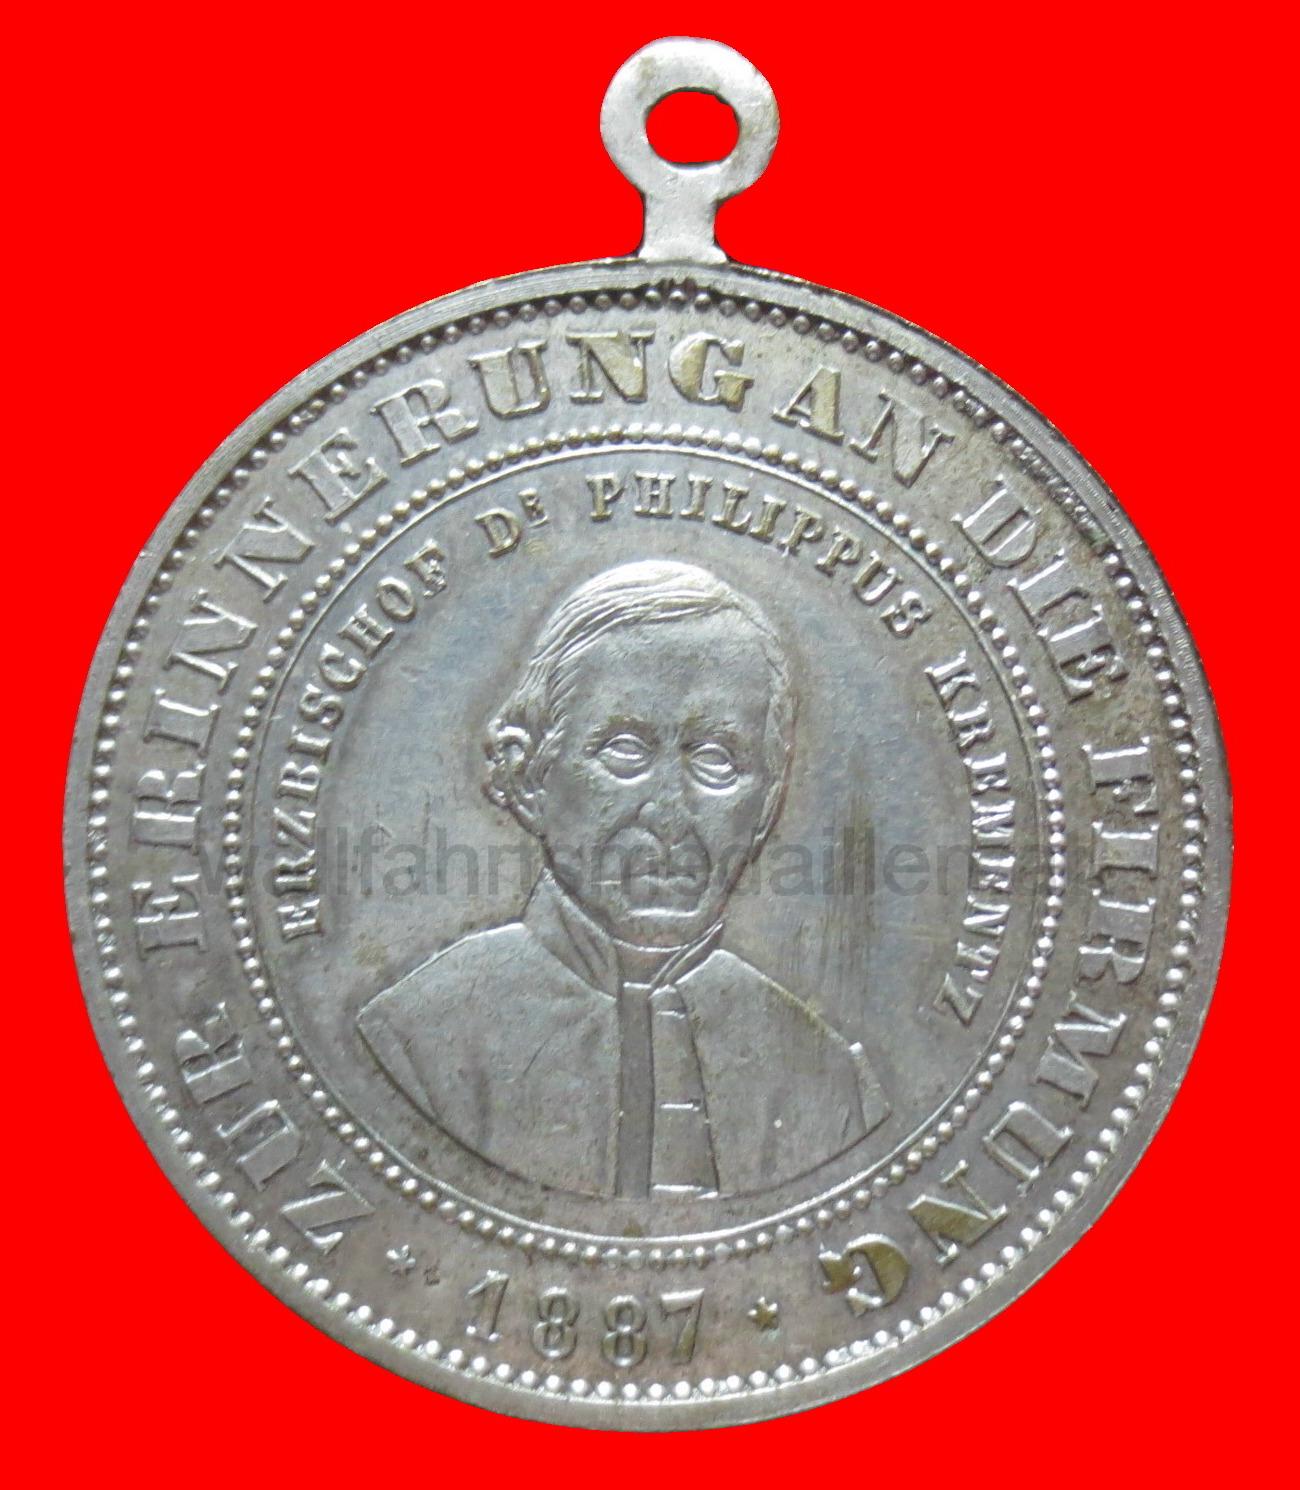 Medaille zur heiligen Firmung